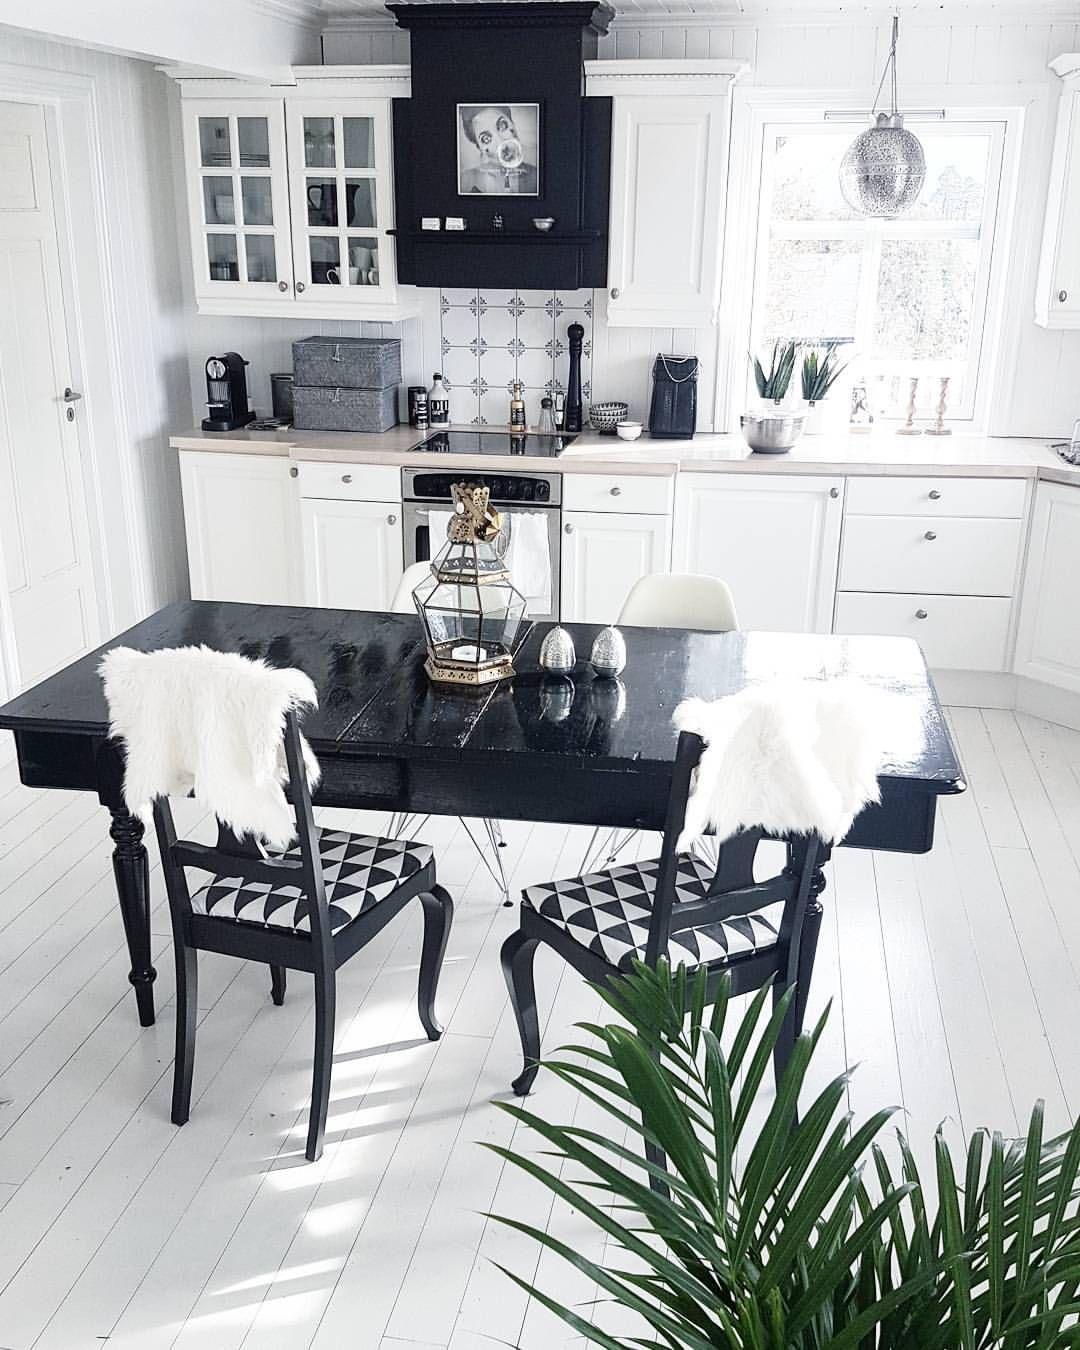 """268 likerklikk, 9 kommentarer – Elin Parr (@elin_parr) på Instagram: """"Dust everywhere, still painting. But I guess it's all worth it? 🖤 #draumesidene #kitchen"""""""